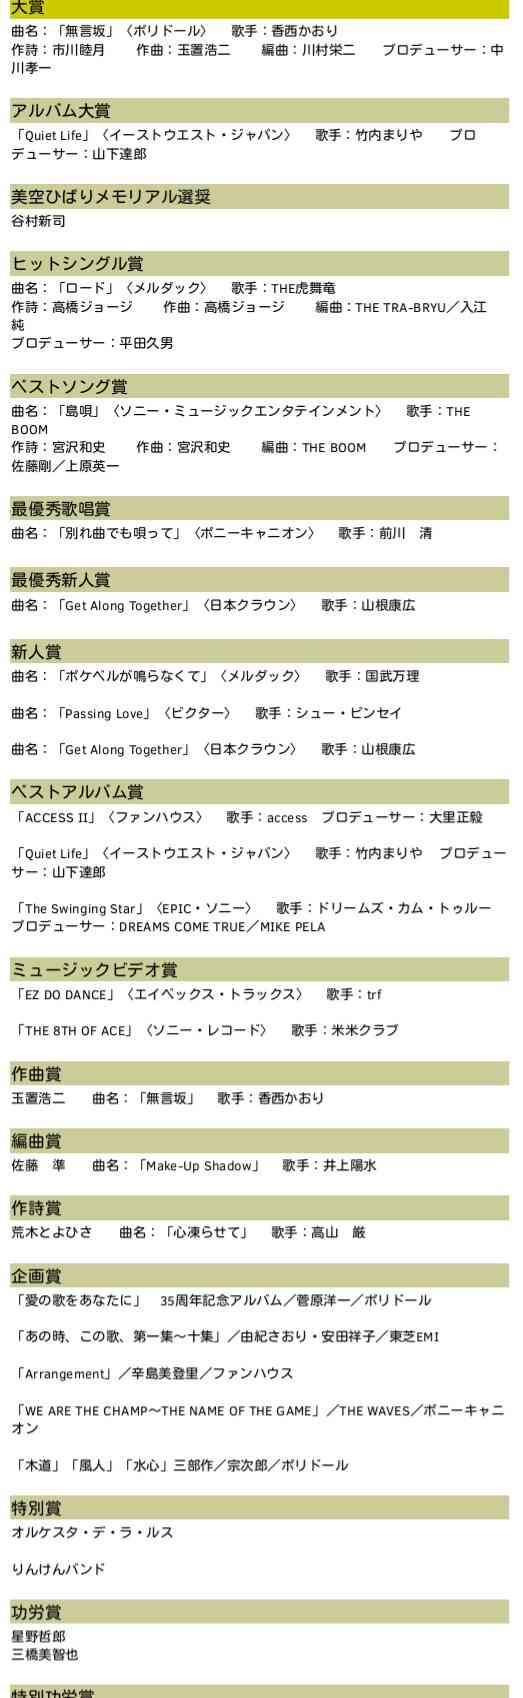 キナ臭い「レコード大賞」受賞者を業界人が暴露!近藤真彦、EXILE、西内まりや…